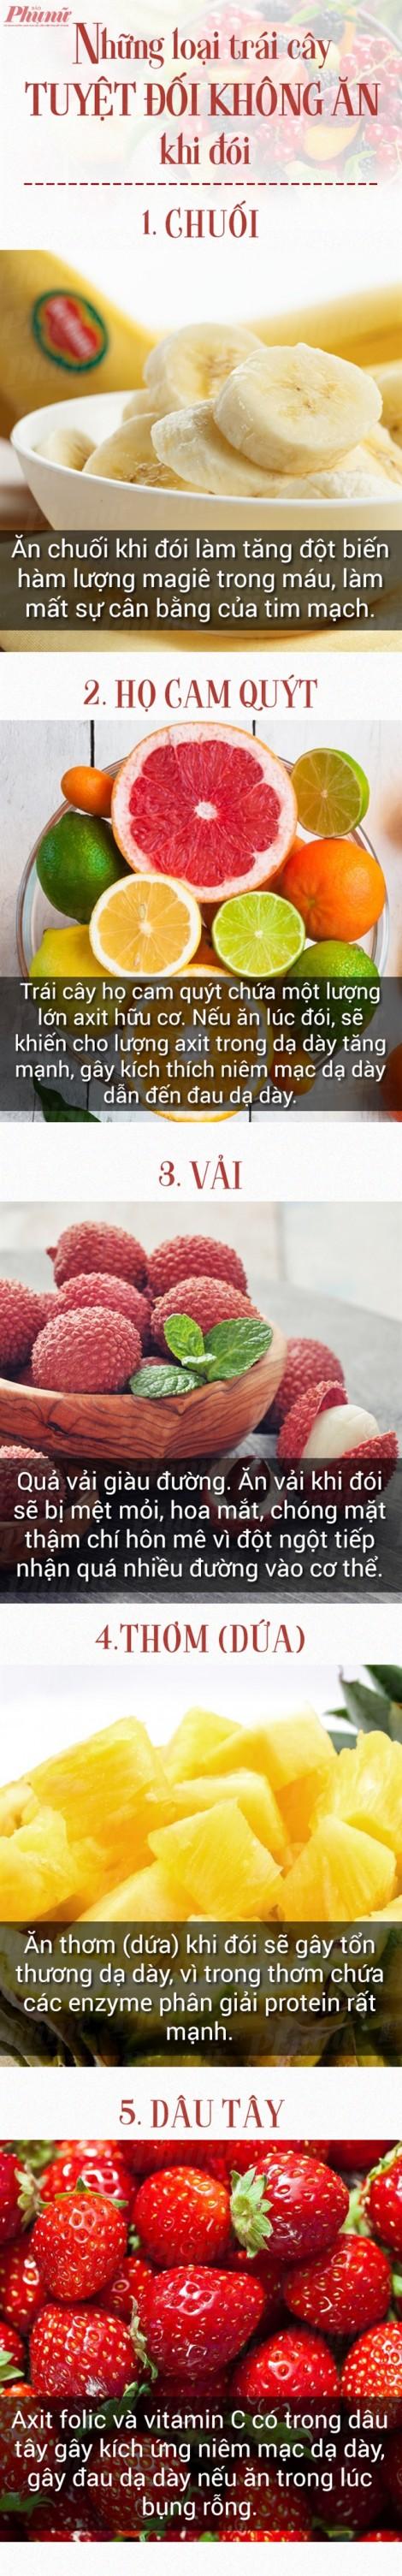 Tuyệt đối không ăn những loại trái cây này khi đói